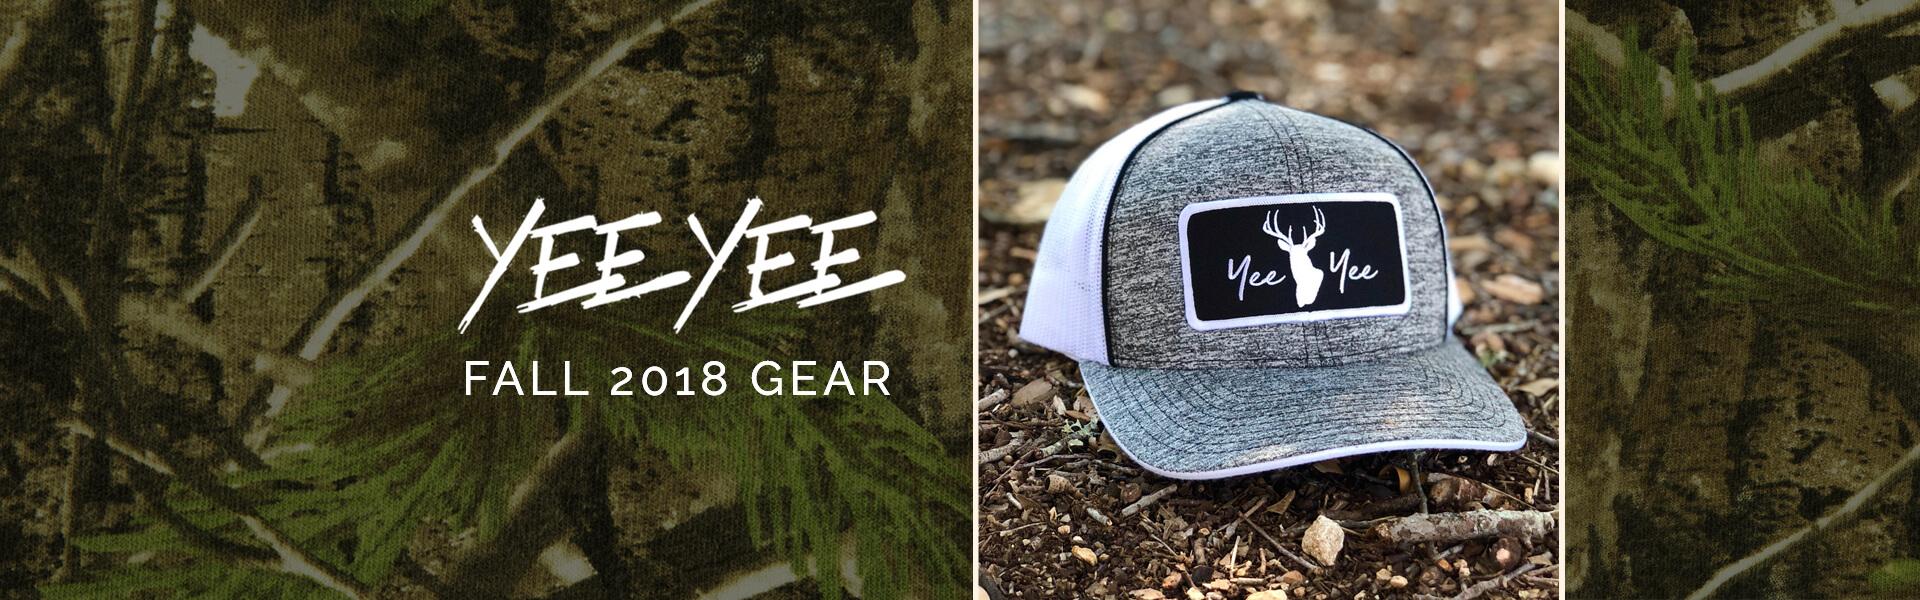 Yee Yee 2018